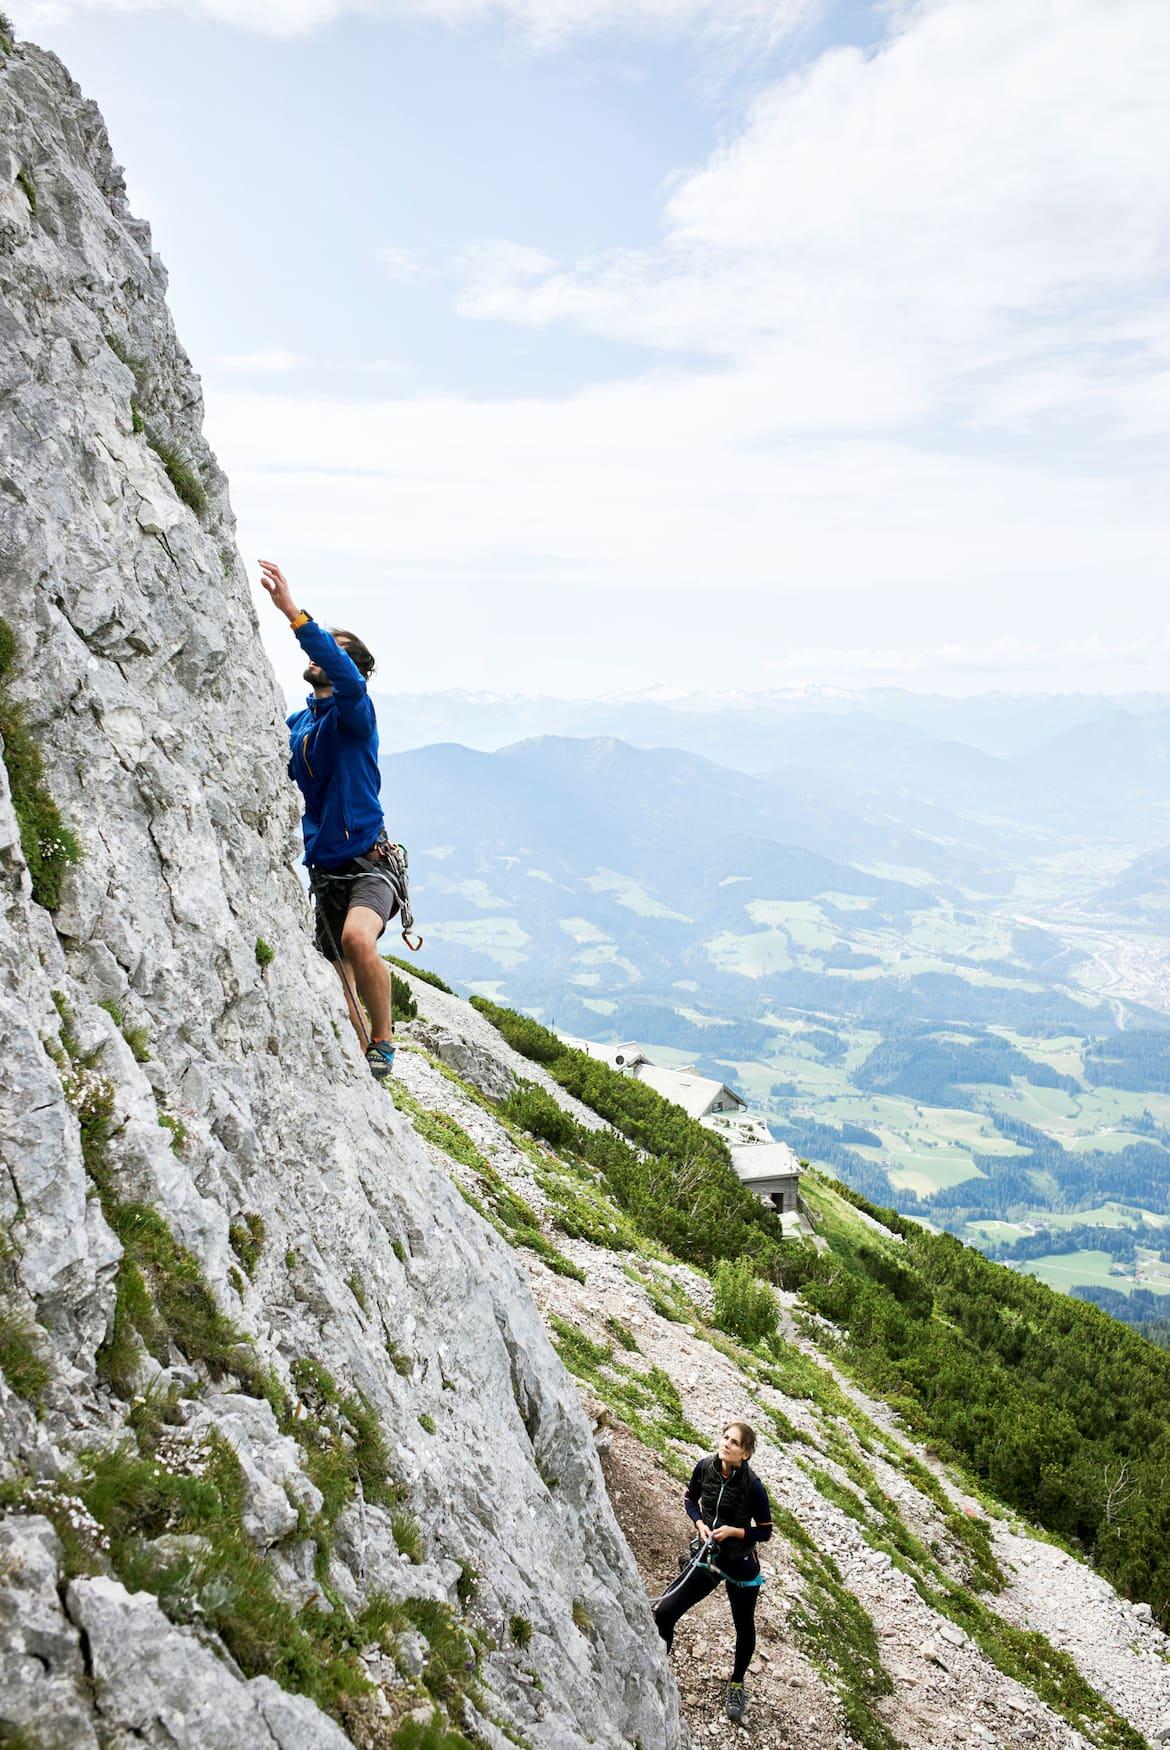 Hinter der Hütte ist ein Klettergarten, das Seil dafür kann man bei Hüttenwirt Gerhard ausborgen.